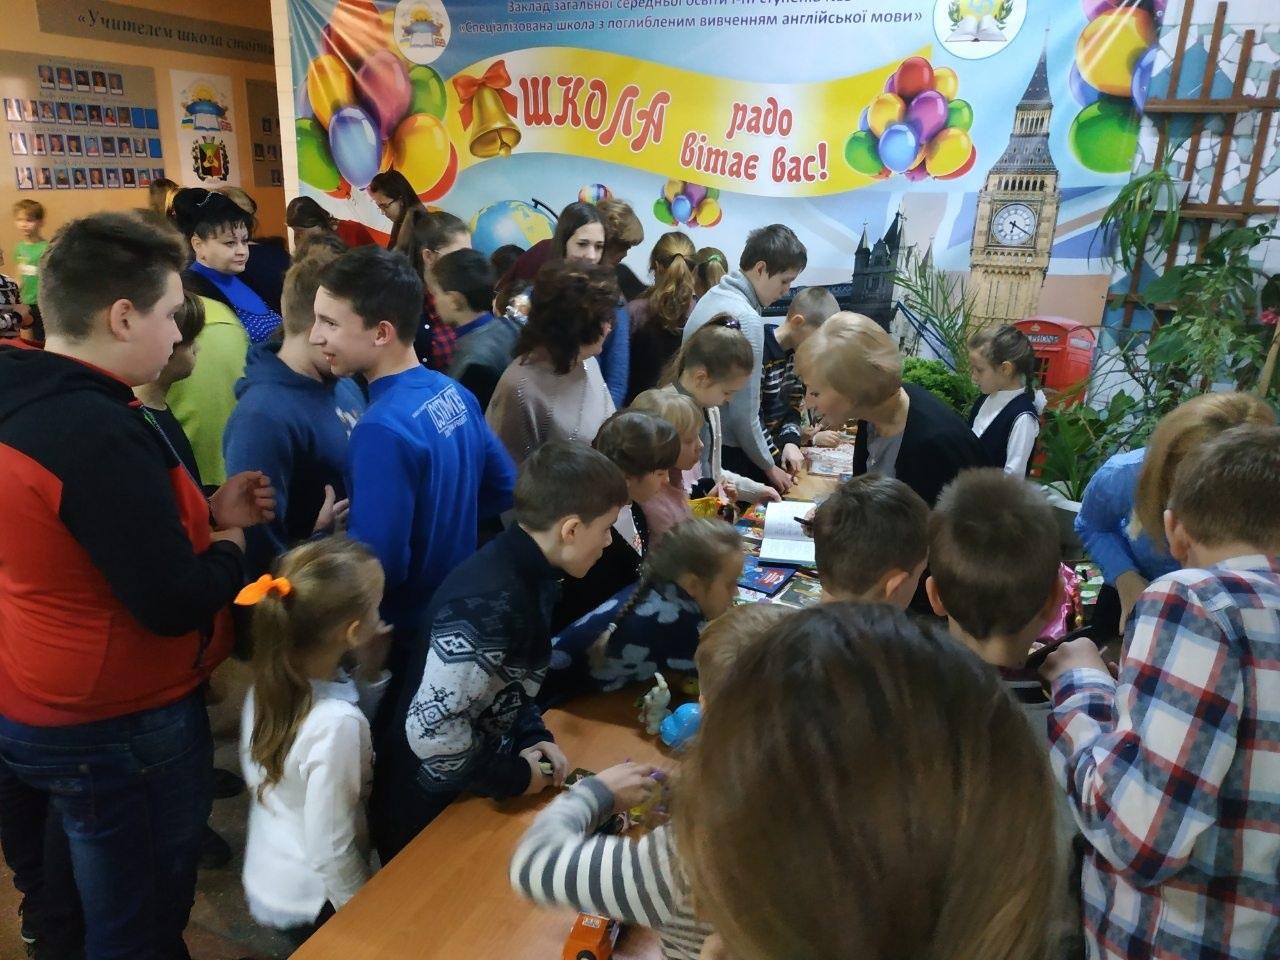 Школьники в доме престарелых пансионат лесная опушка для пожилых